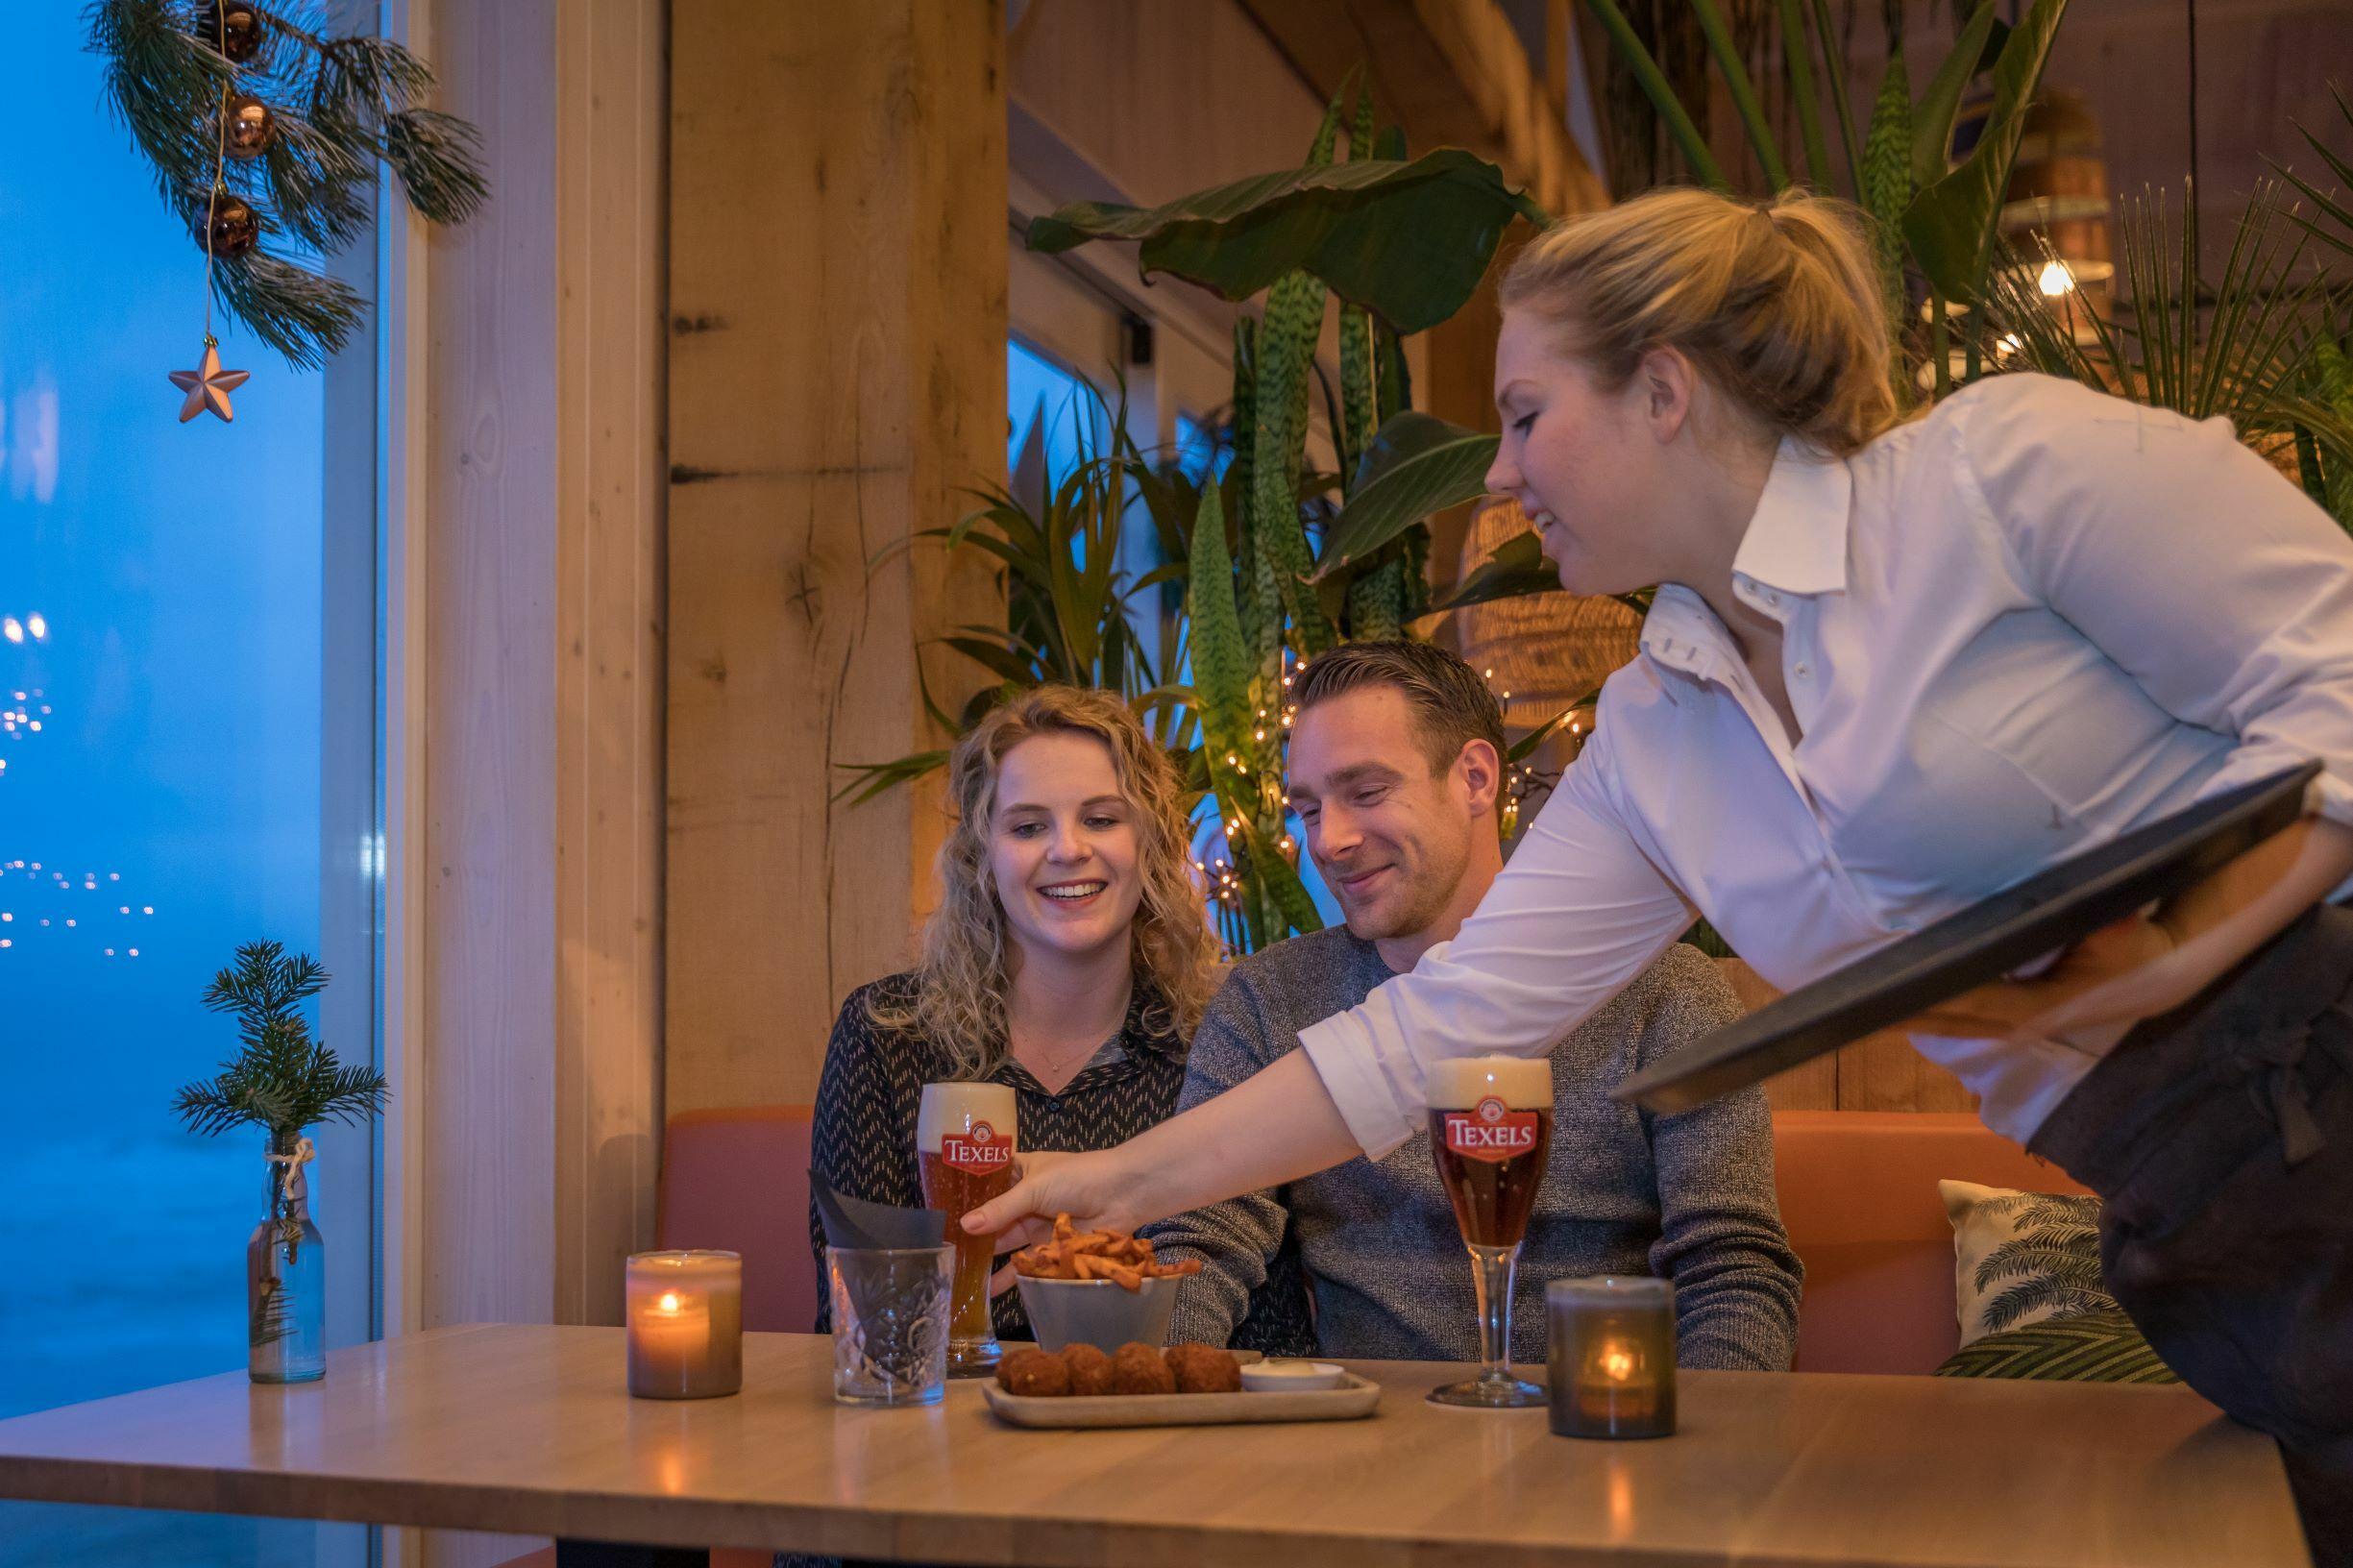 Stel met Texels bier bij Gastropaviljoen XV VVV Texel fotograaf Evalien Weterings 1